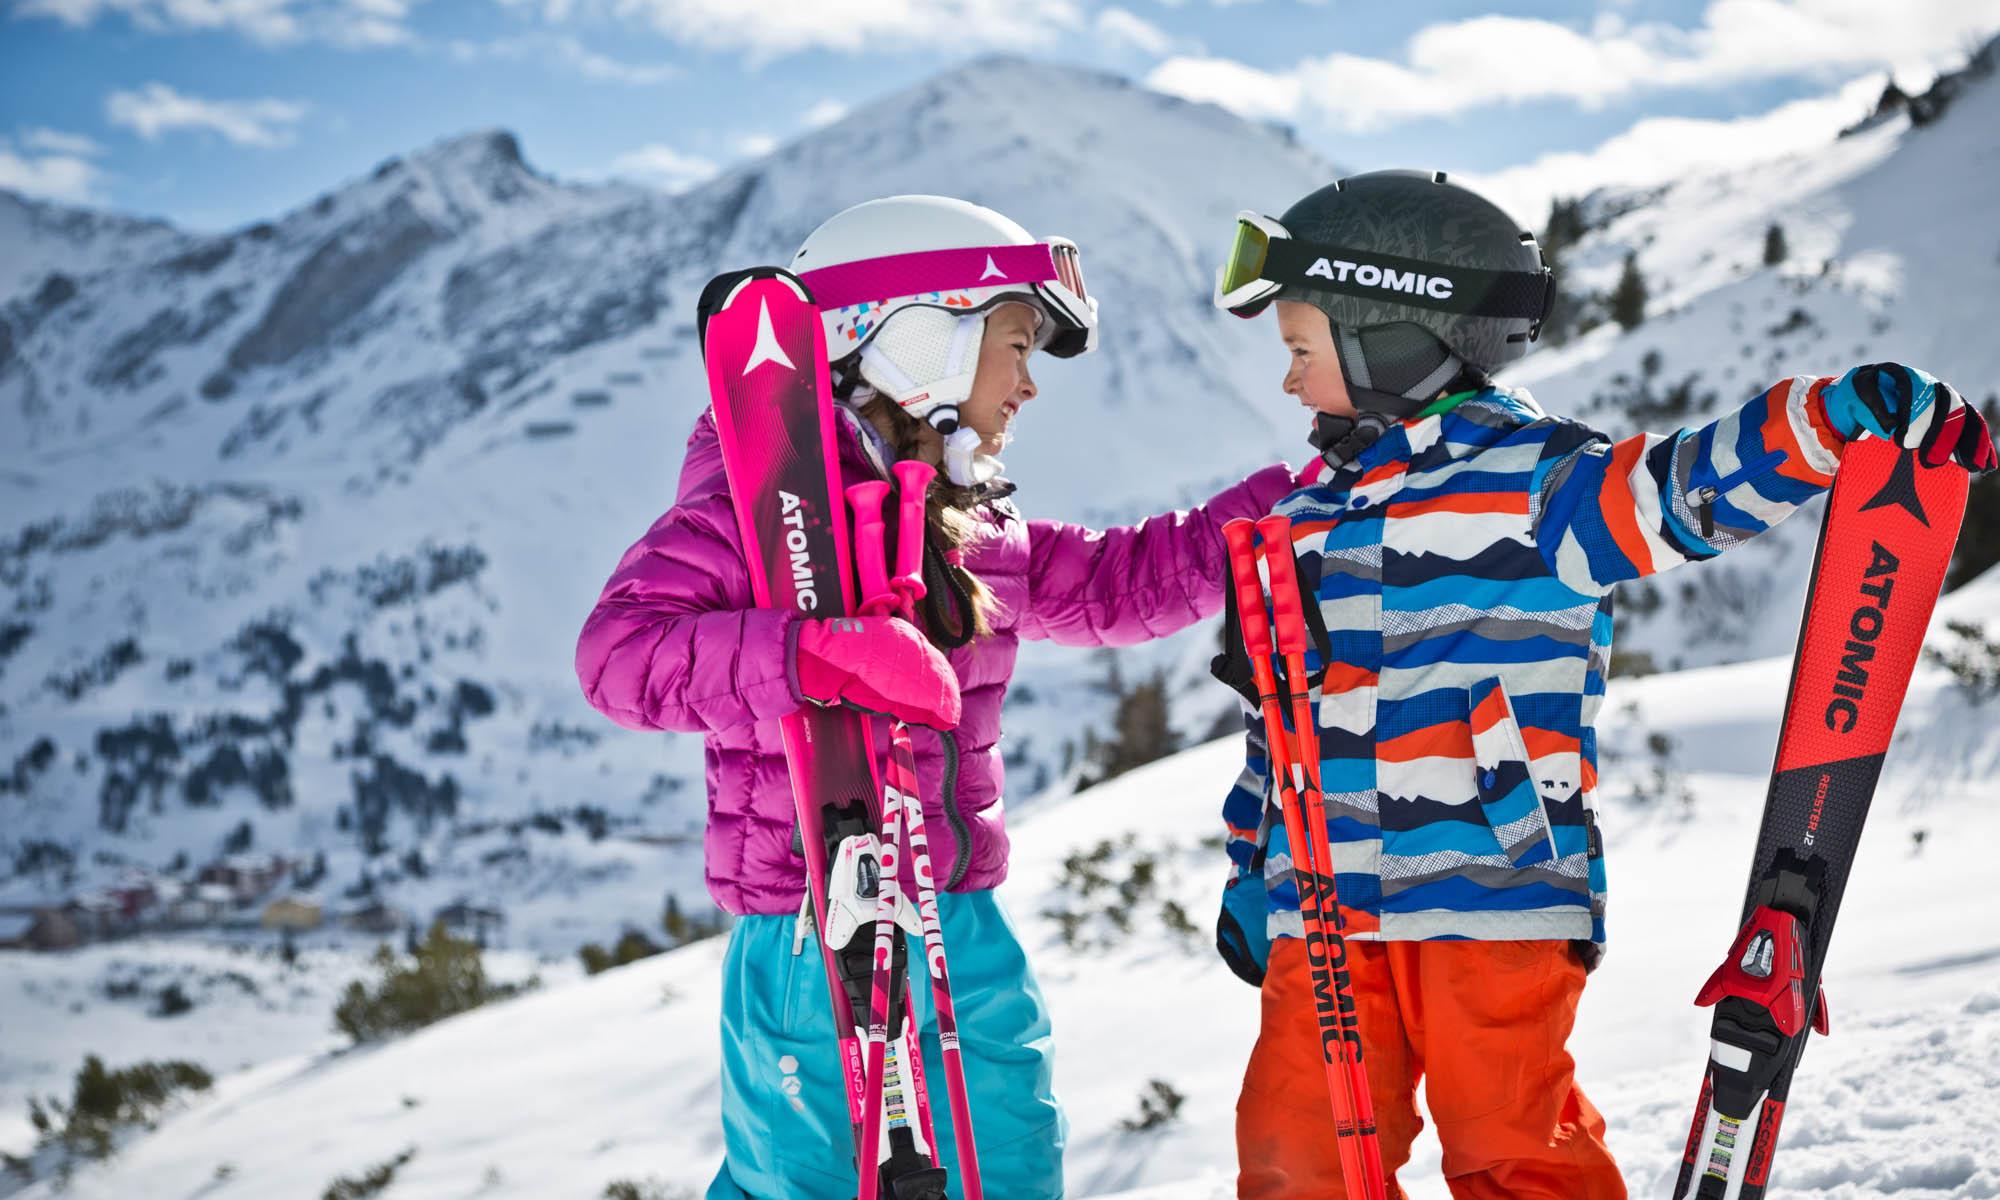 Des enfants avec de skis enfants Atomic.